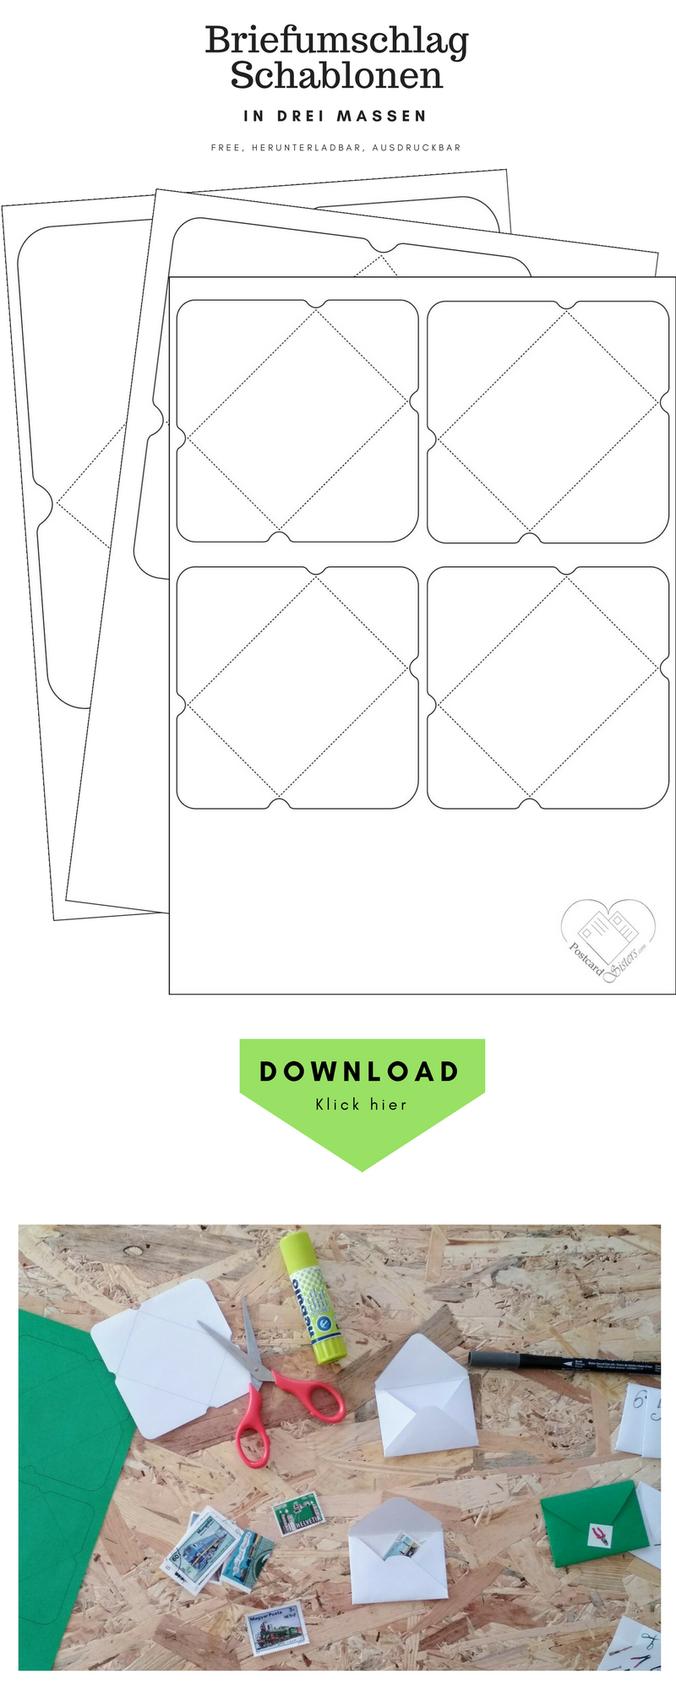 Briefumschlag Schablonen Briefumschlag Umschlag Umschlage